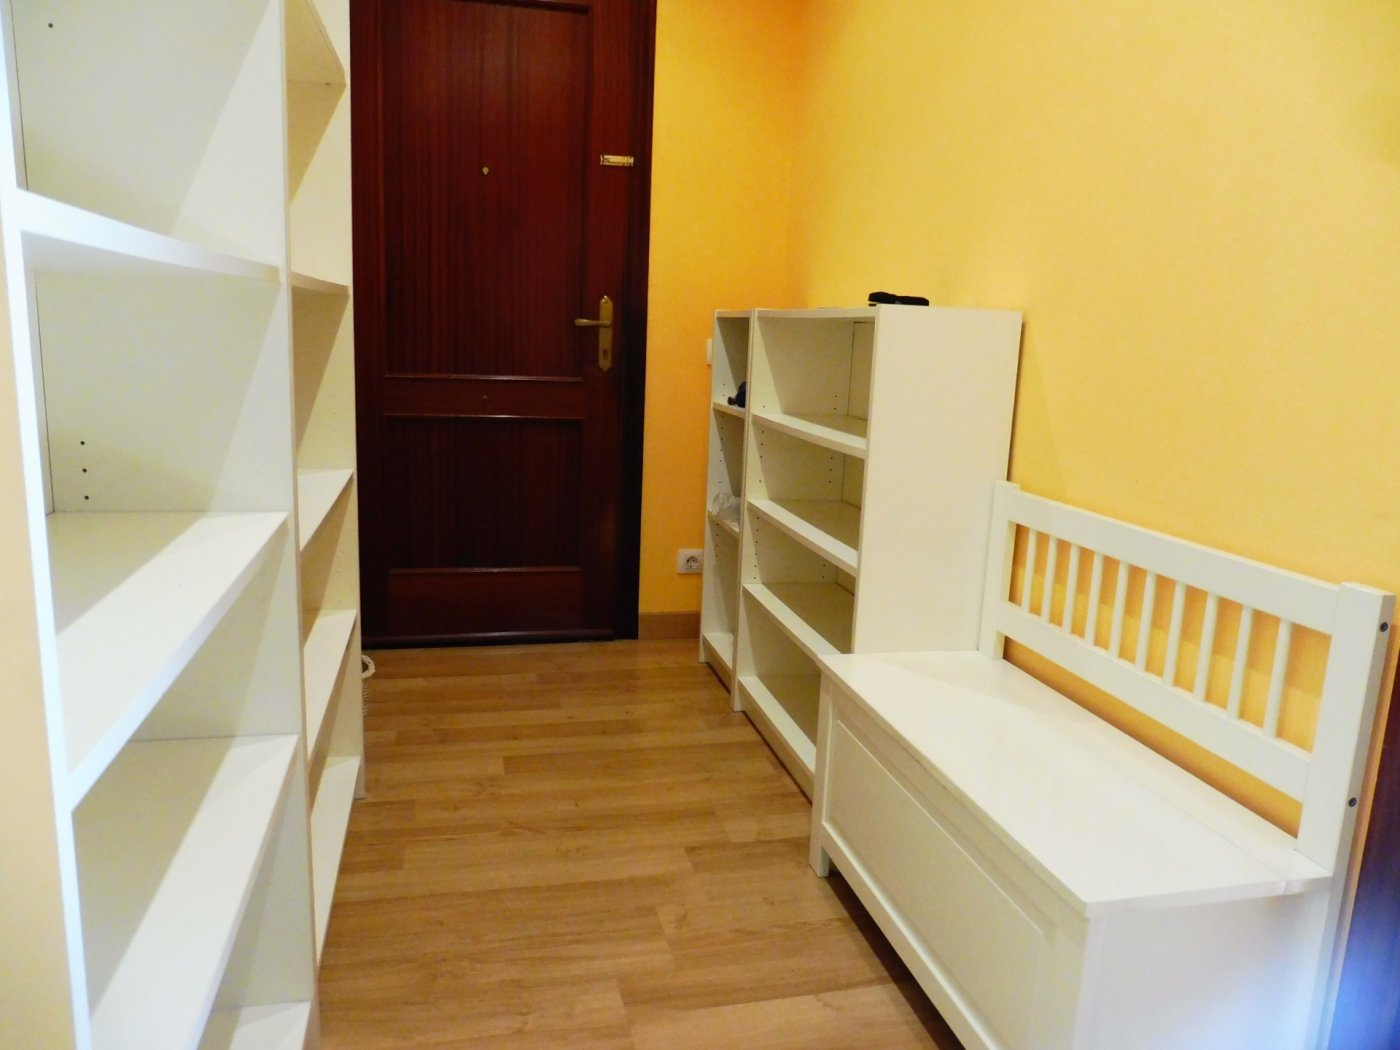 Amplio piso enfrente del centro de salud de perchera en nuevo gijón - imagenInmueble2